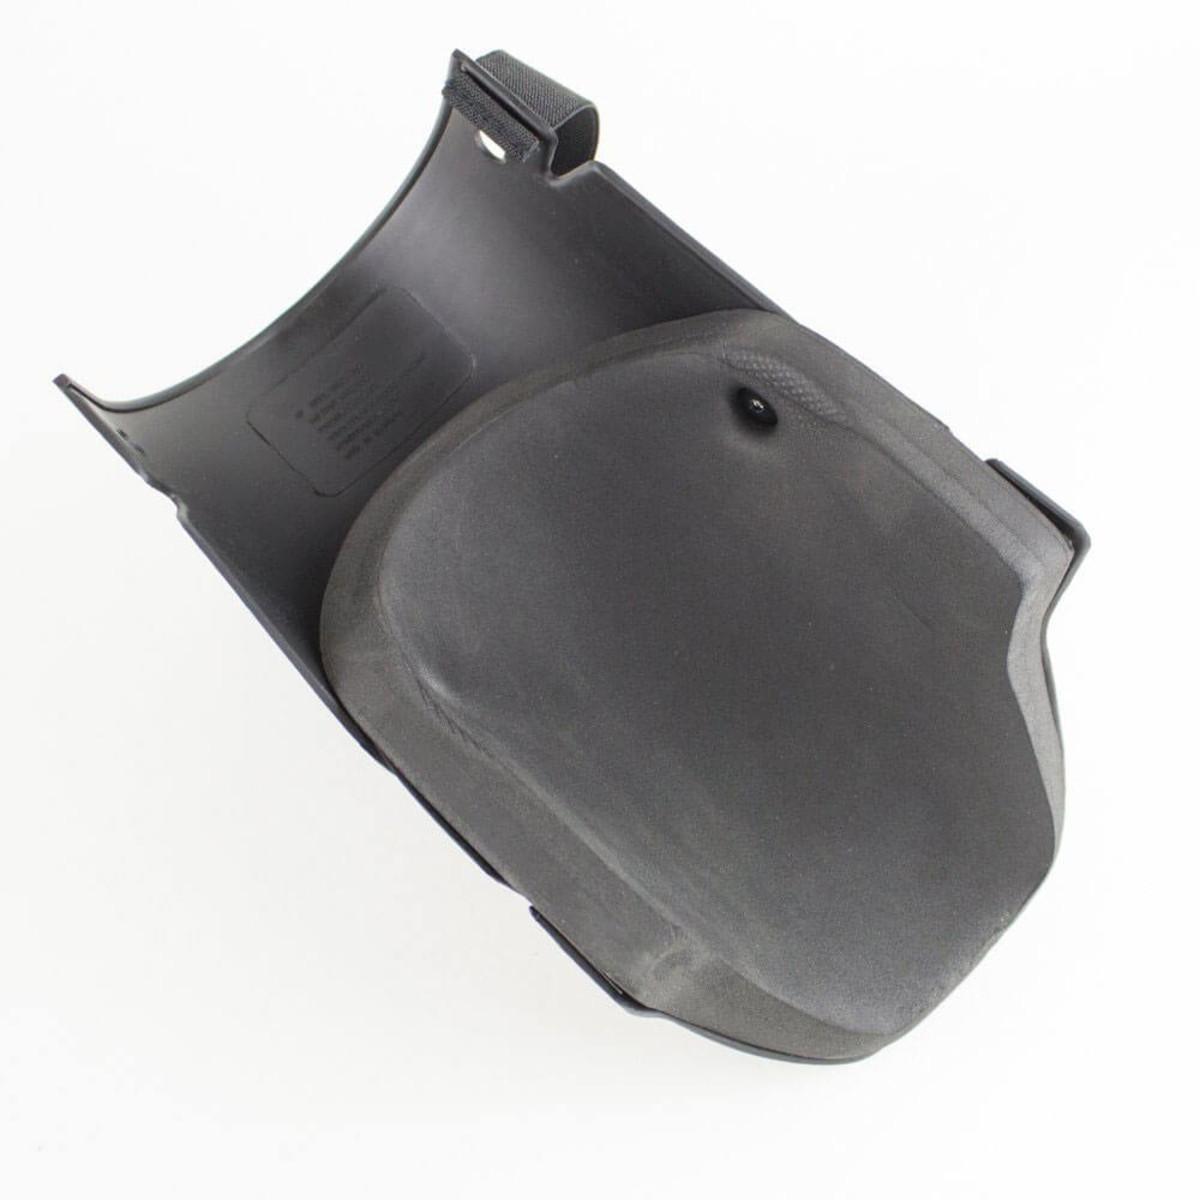 KP Industries Knee pad liner